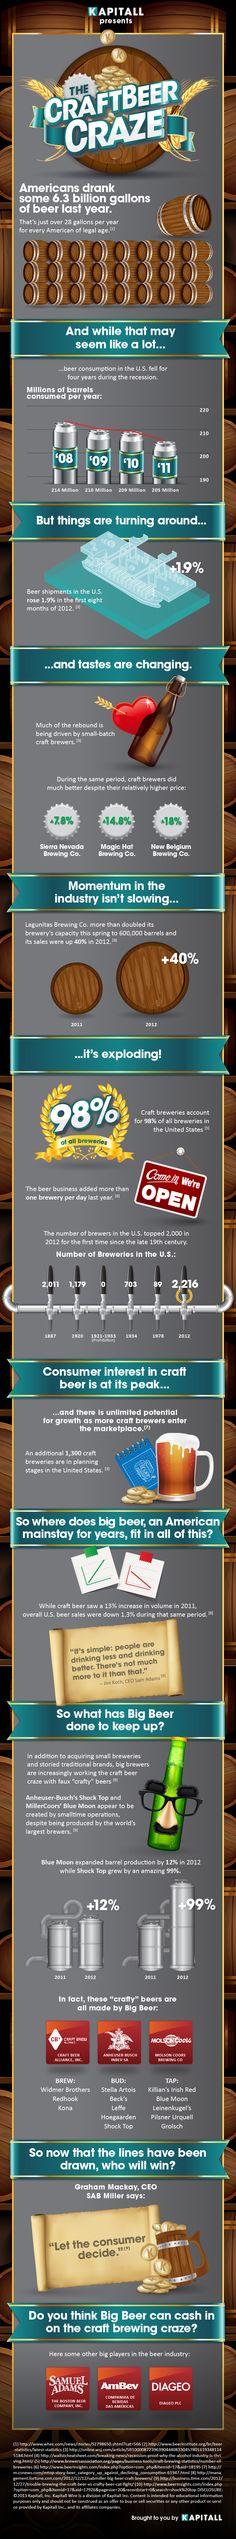 Infographics - The Craft Beer Craze, Can Big Beer Keep Up?